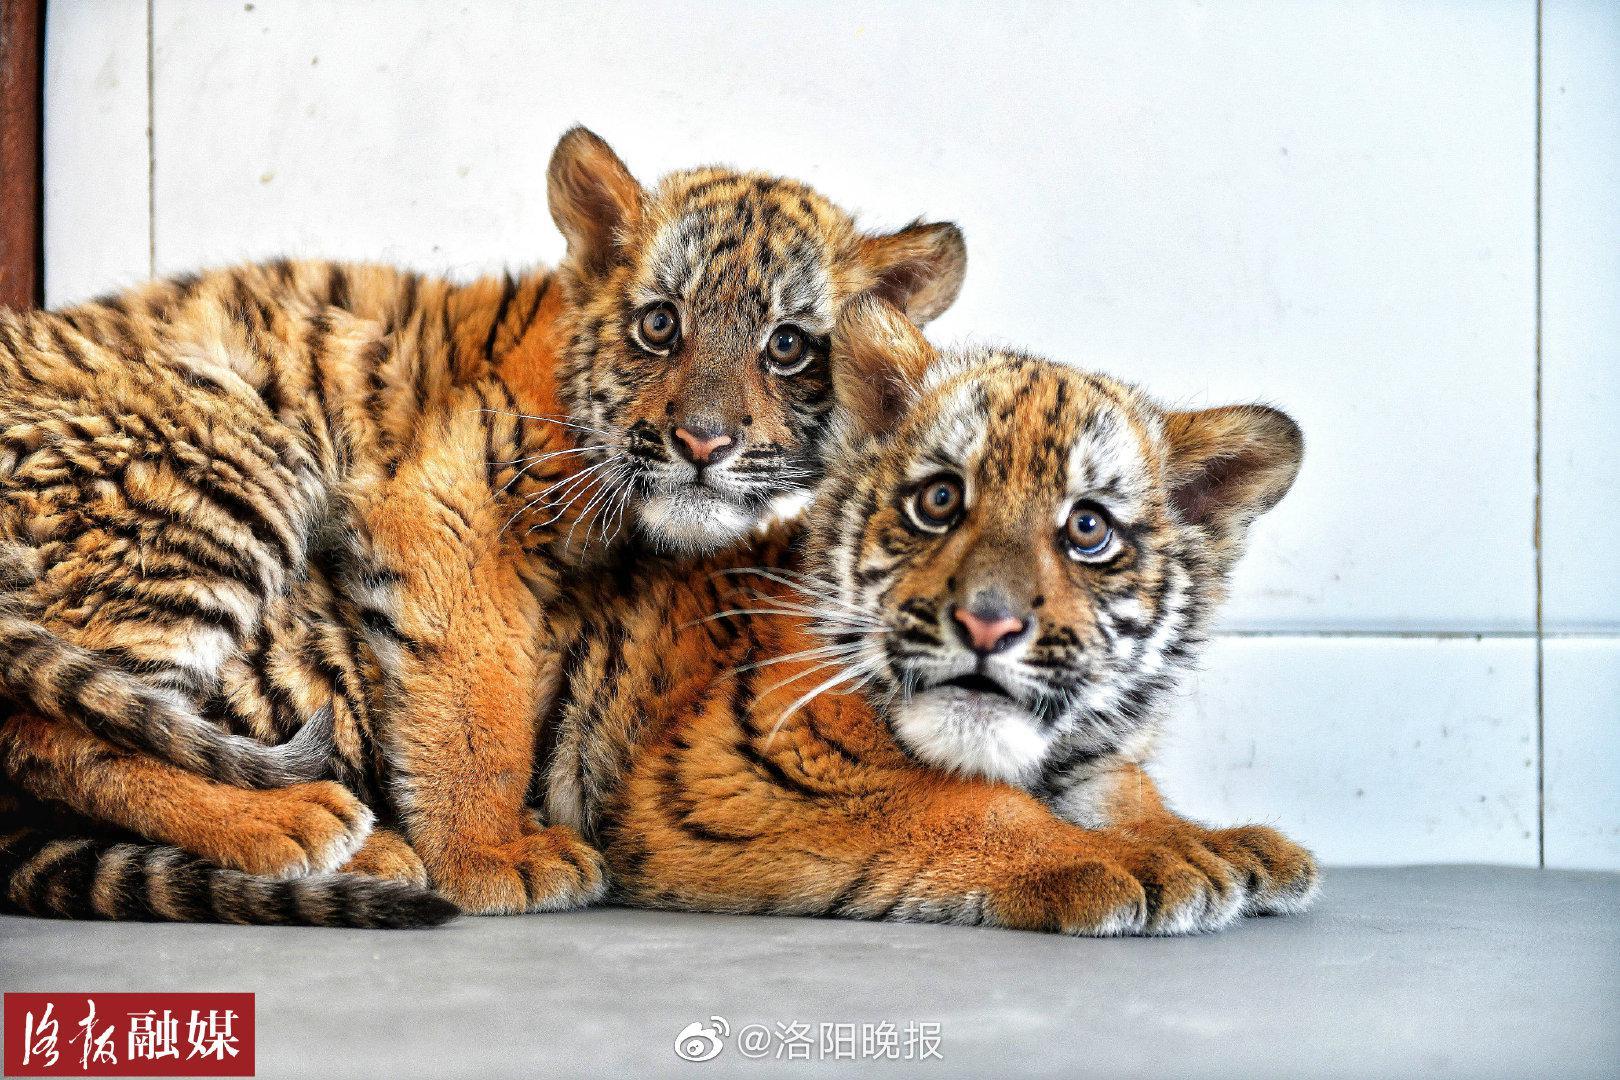 洛阳王城公园动物园再添2只华南虎!数量保持全国第一